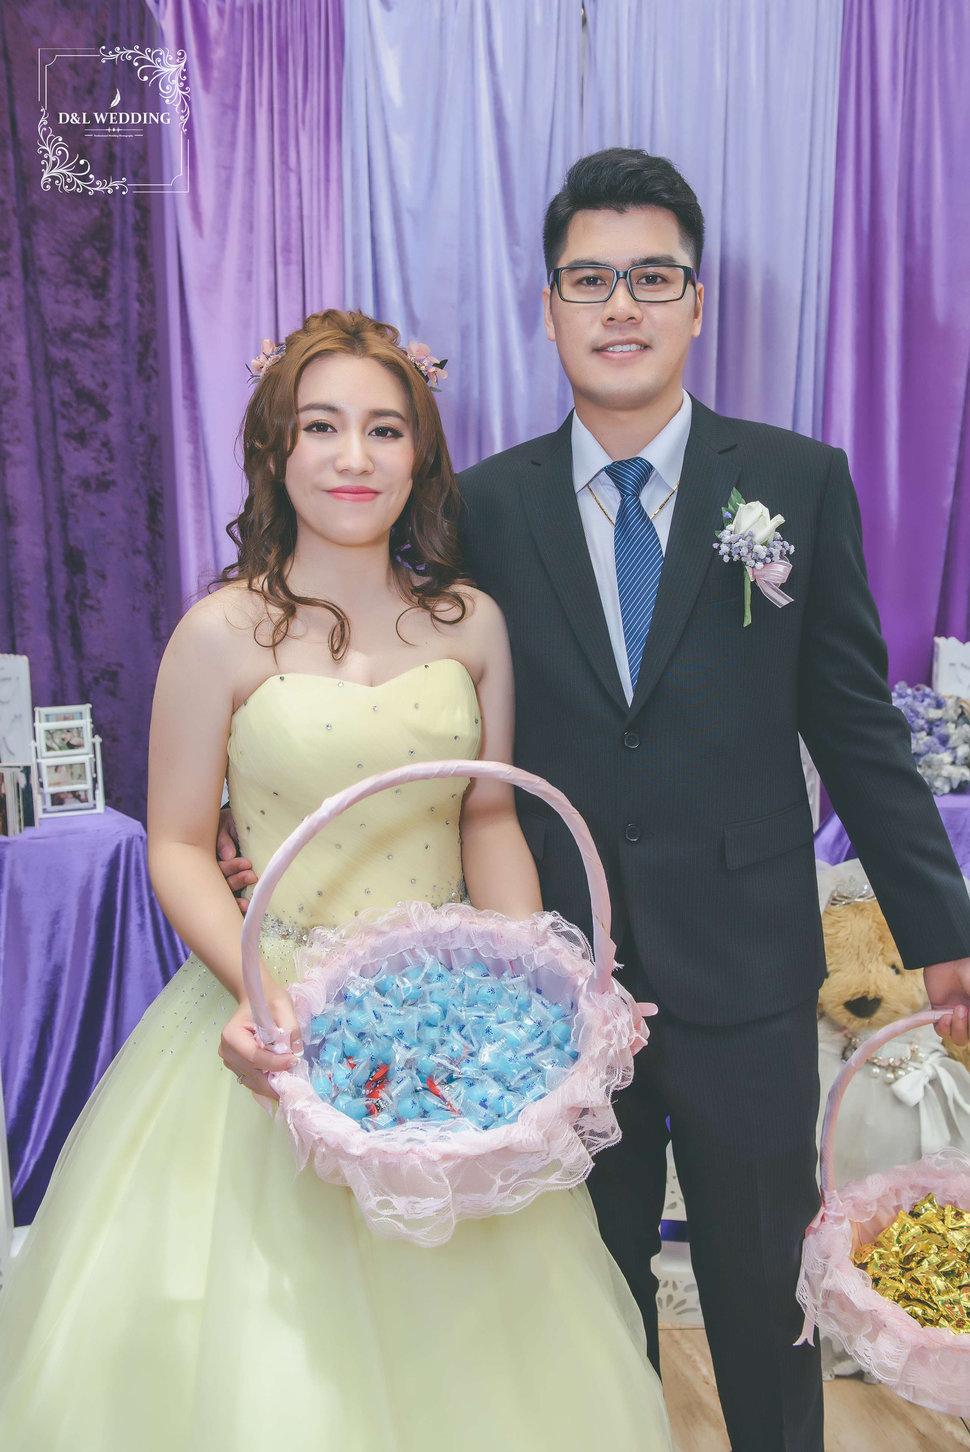 37 - D&L 婚禮事務-婚紗攝影/婚禮記錄 - 結婚吧